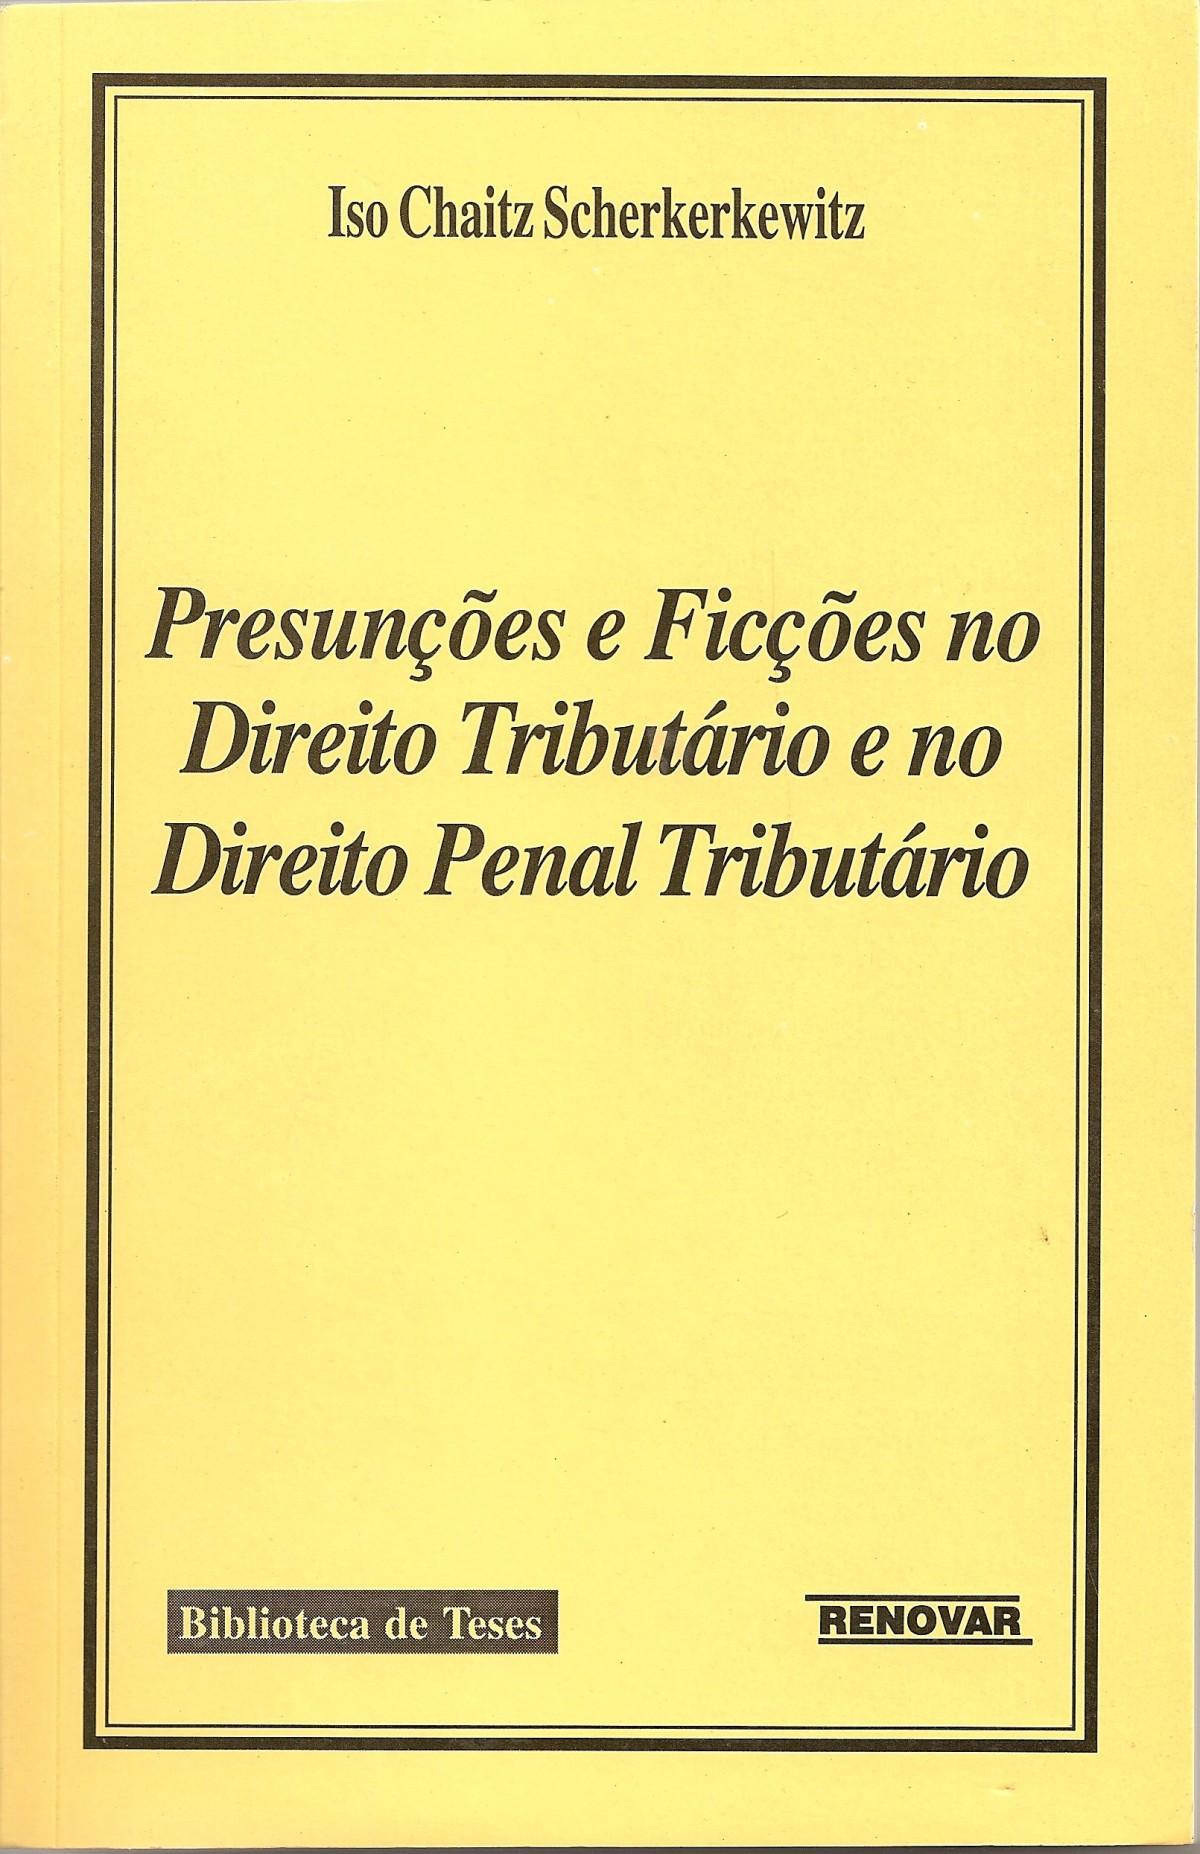 Foto 1 - Presunções e Ficções no Direito Tributário e no Direito Penal Tributário